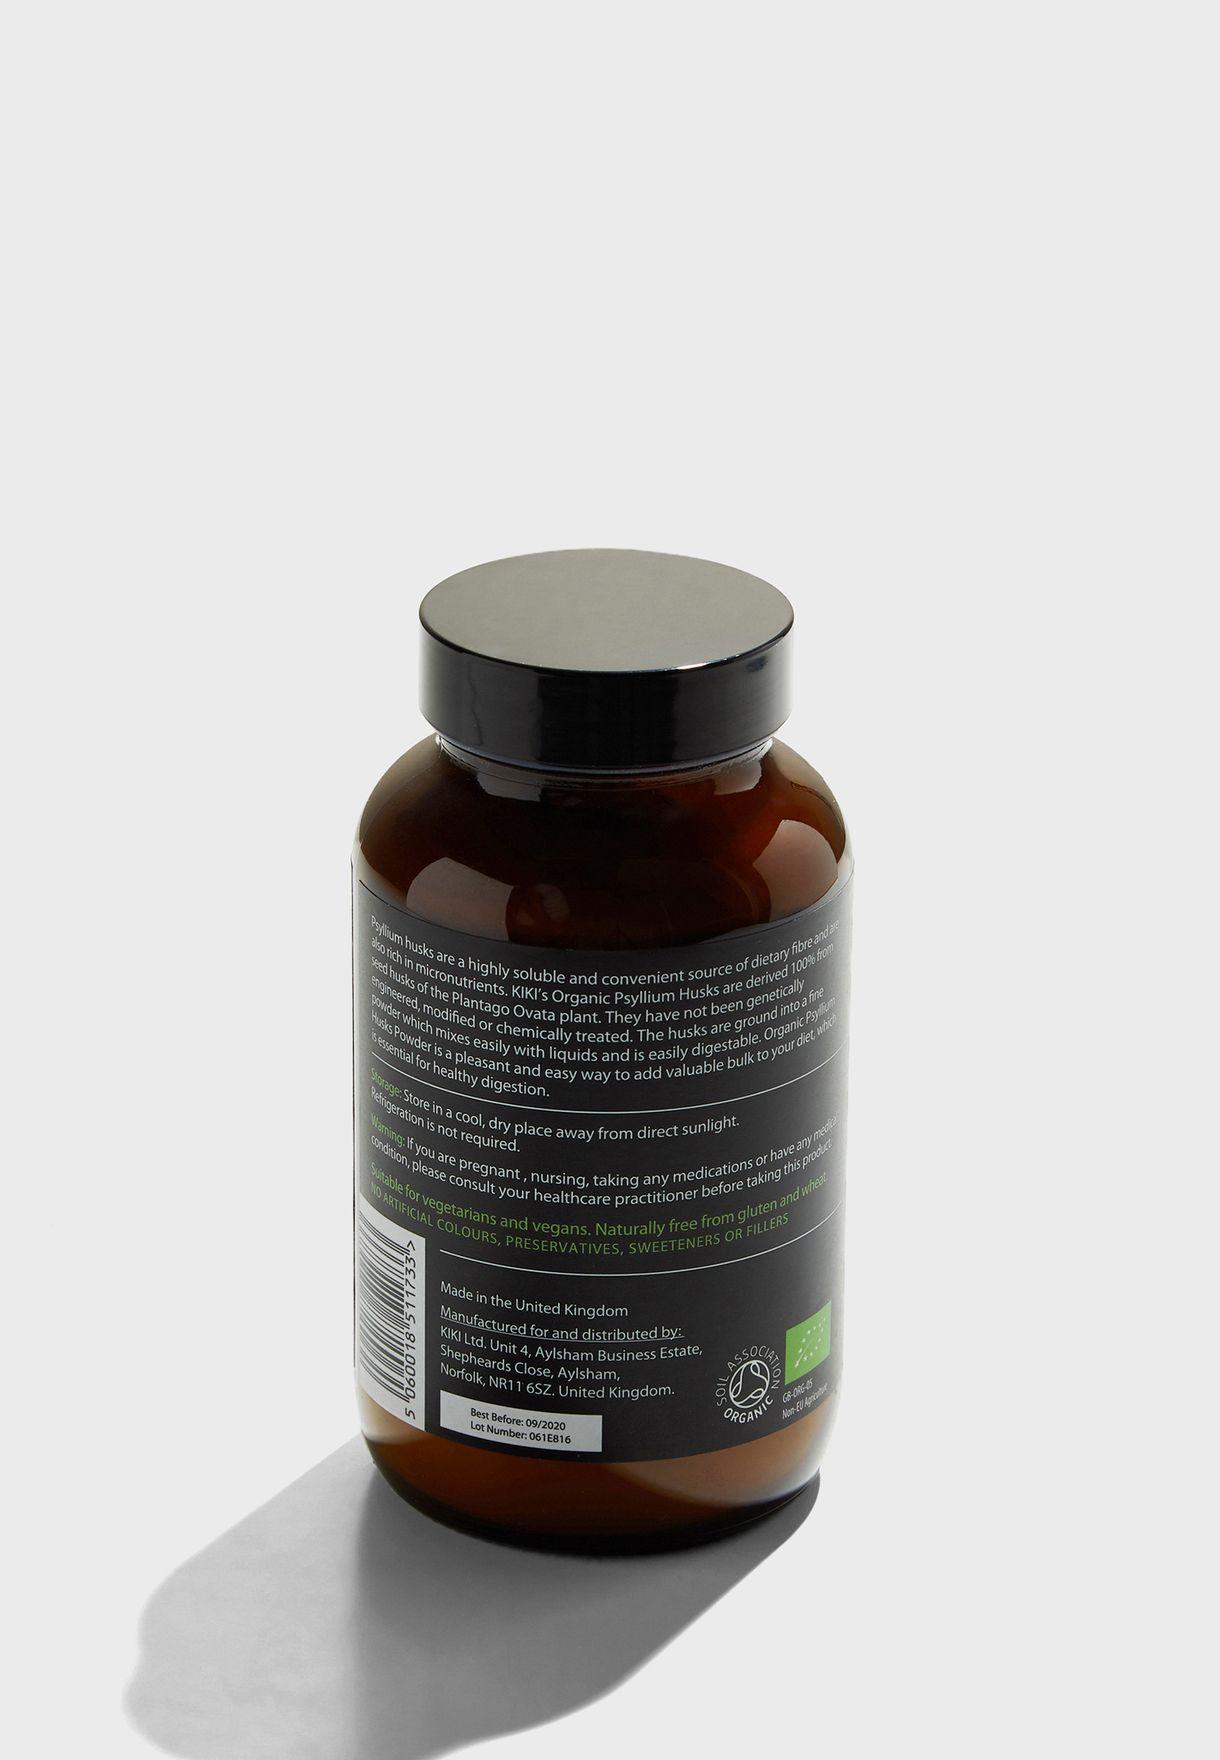 قشور سيلليوم عضوية - 275 جم